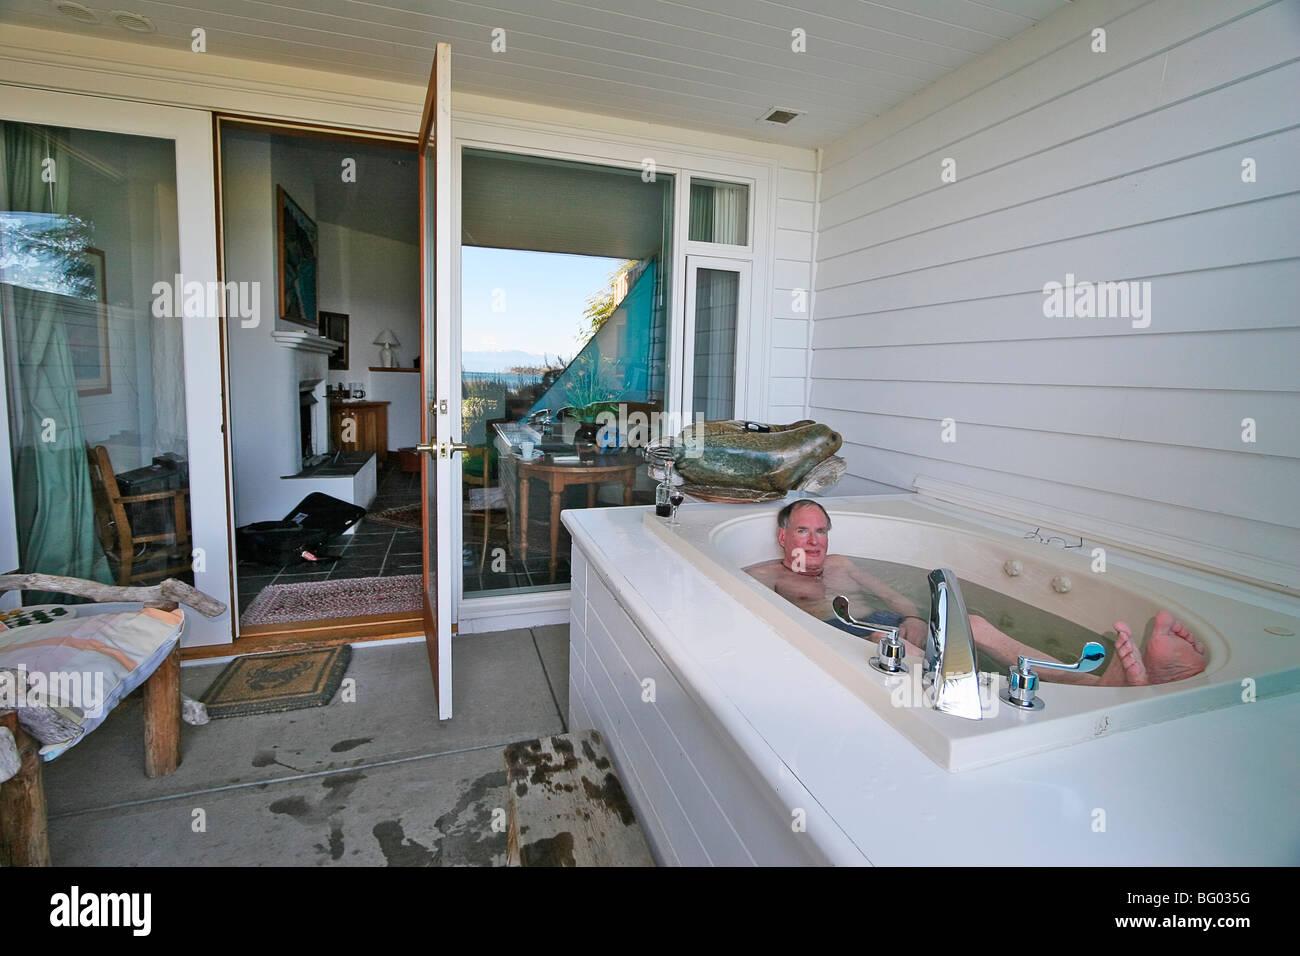 El hombre disfruta de la tina caliente con un vaso de vino de oporto justo fuera de su Sooke Harbour House las habitaciones Imagen De Stock